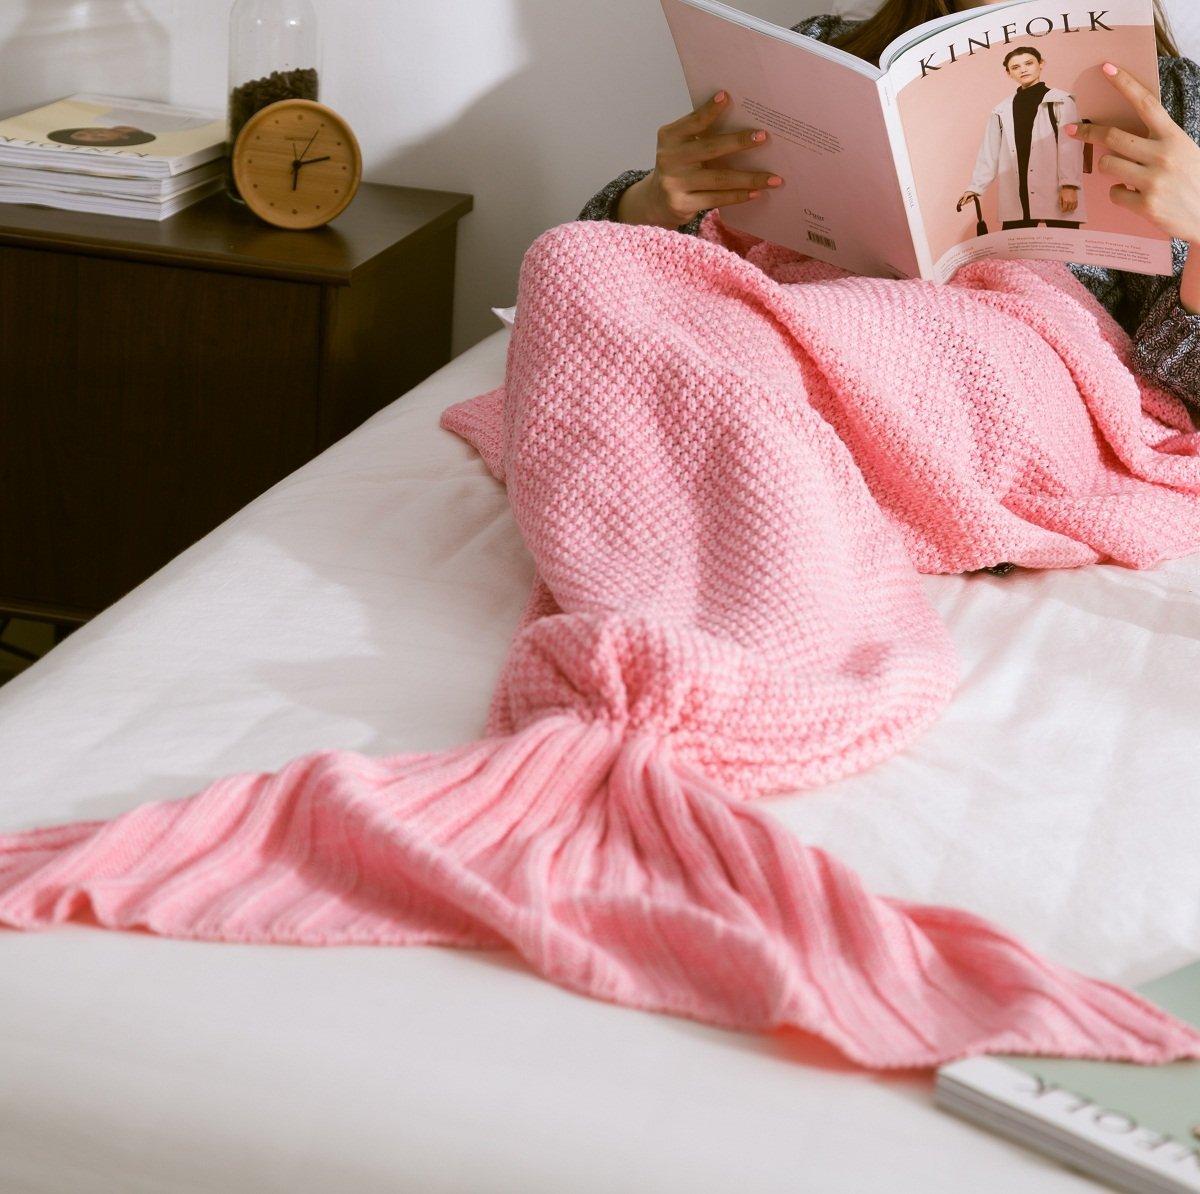 Mermaid Tail Blanket Crochet Mermaid Blanket Knitted Blanket Super ...